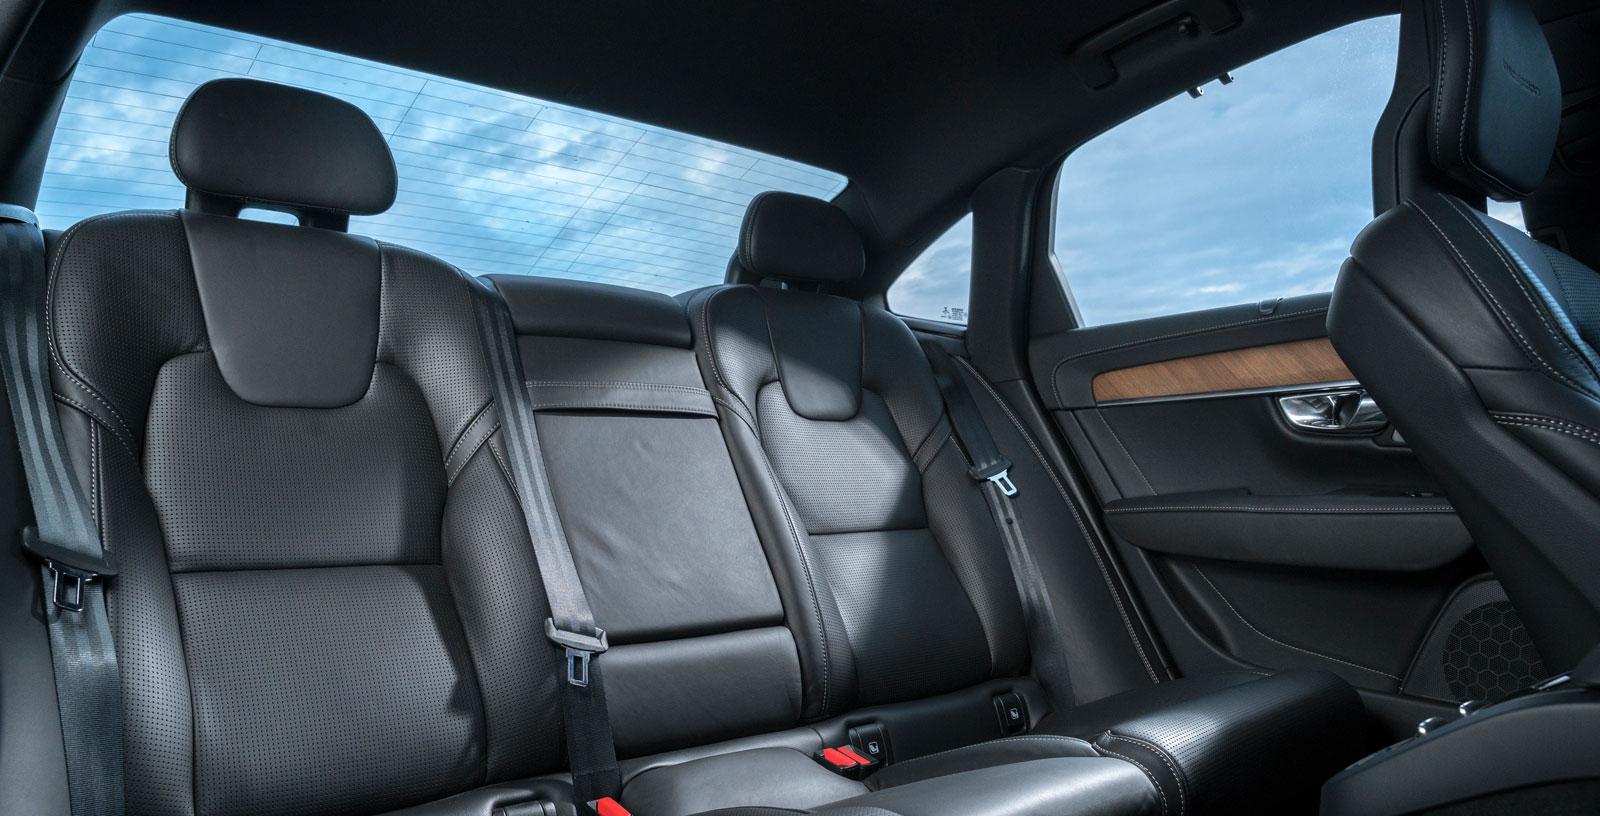 Benutrymmet i Volvos baksäte är bäst i test och sittkomforten i nivå med Mercedes, även om sittdynan är något låg. Plus för generös dörröppning.